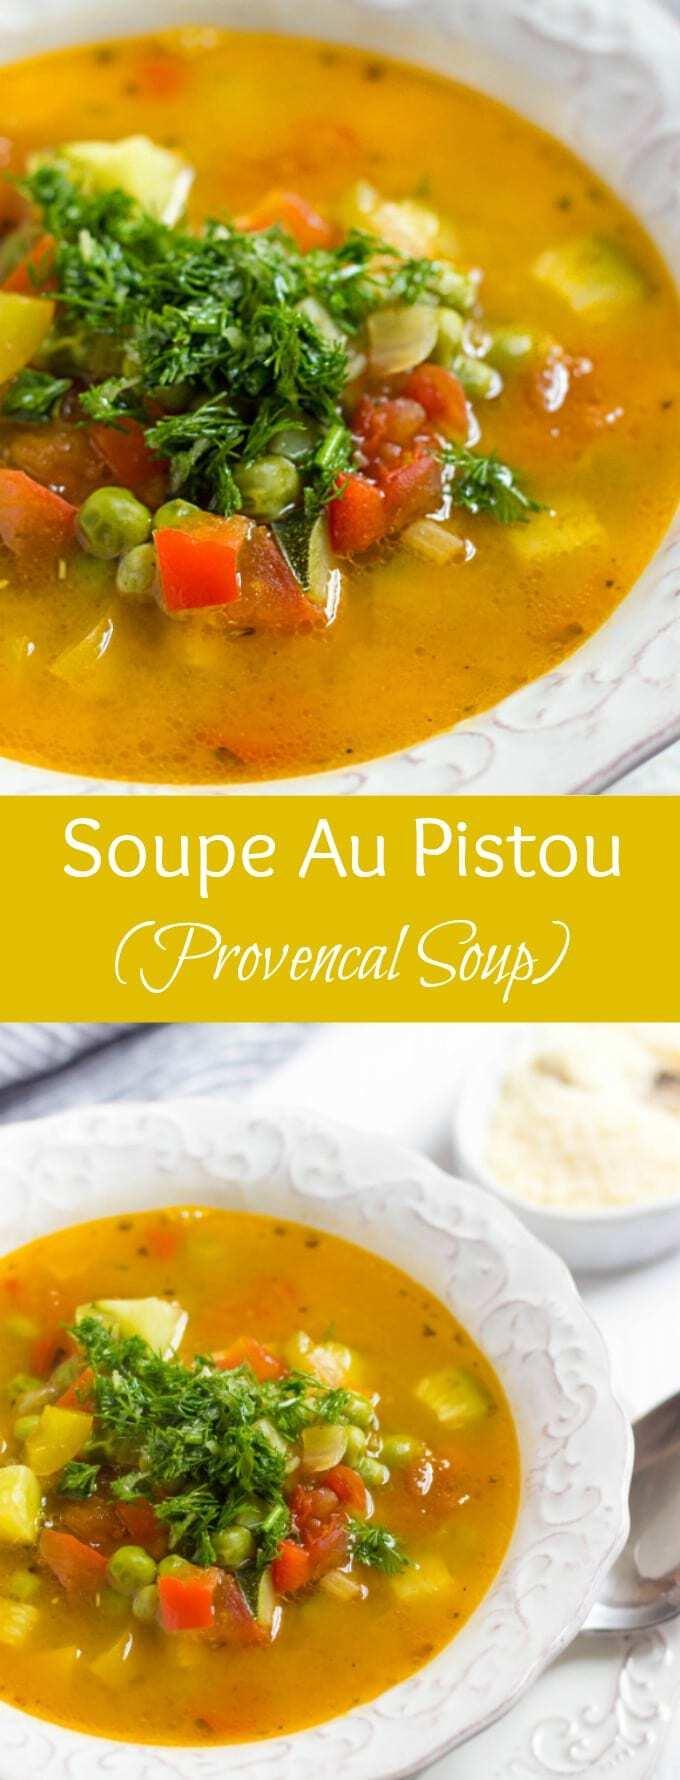 Soupe Au Pistou - French classic vegetable soup. This Provencal soup ...